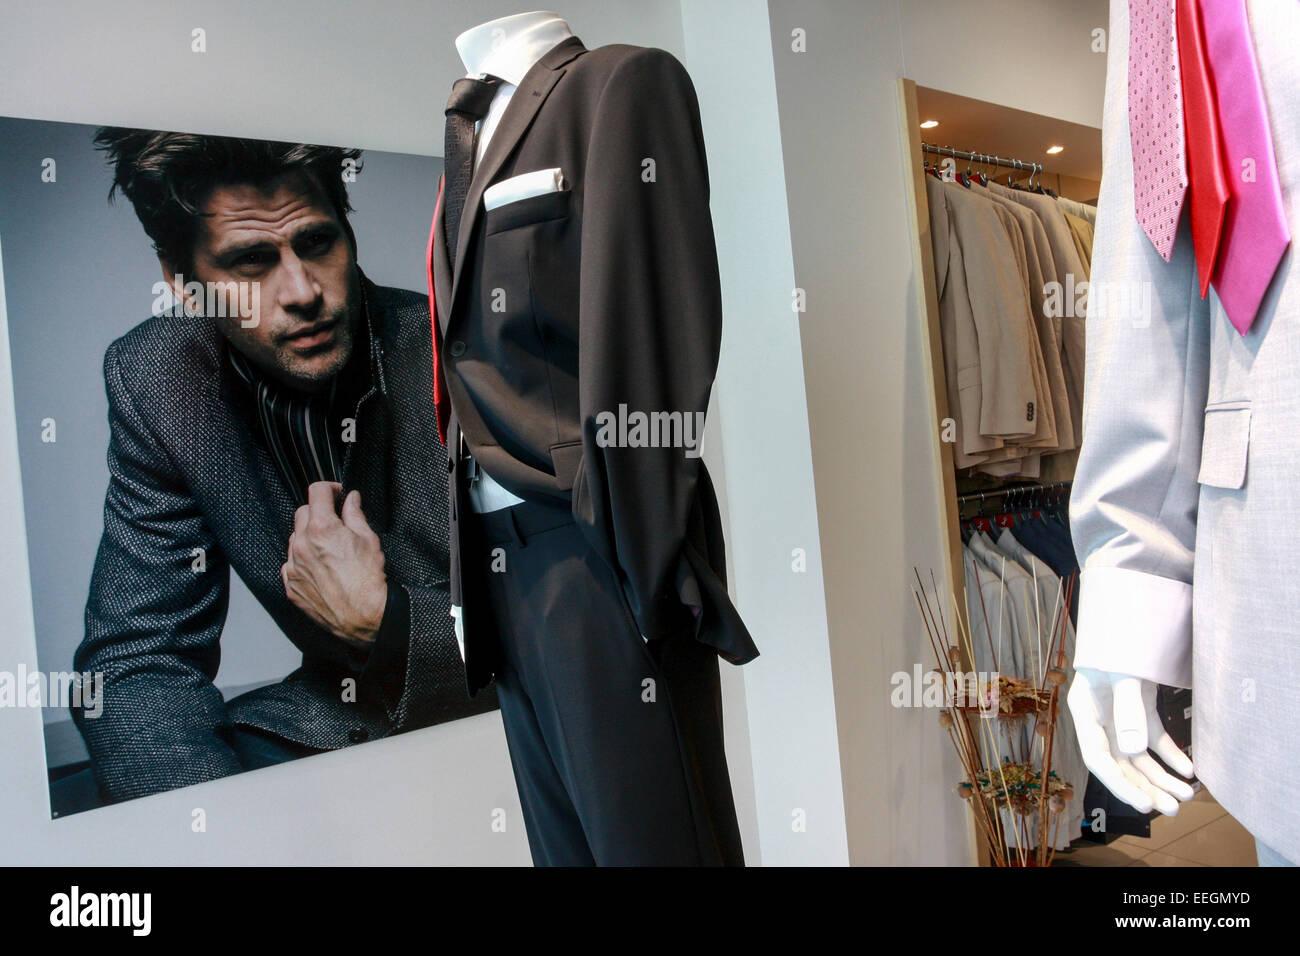 shop with men's fashion, Prague Czech Republic - Stock Image